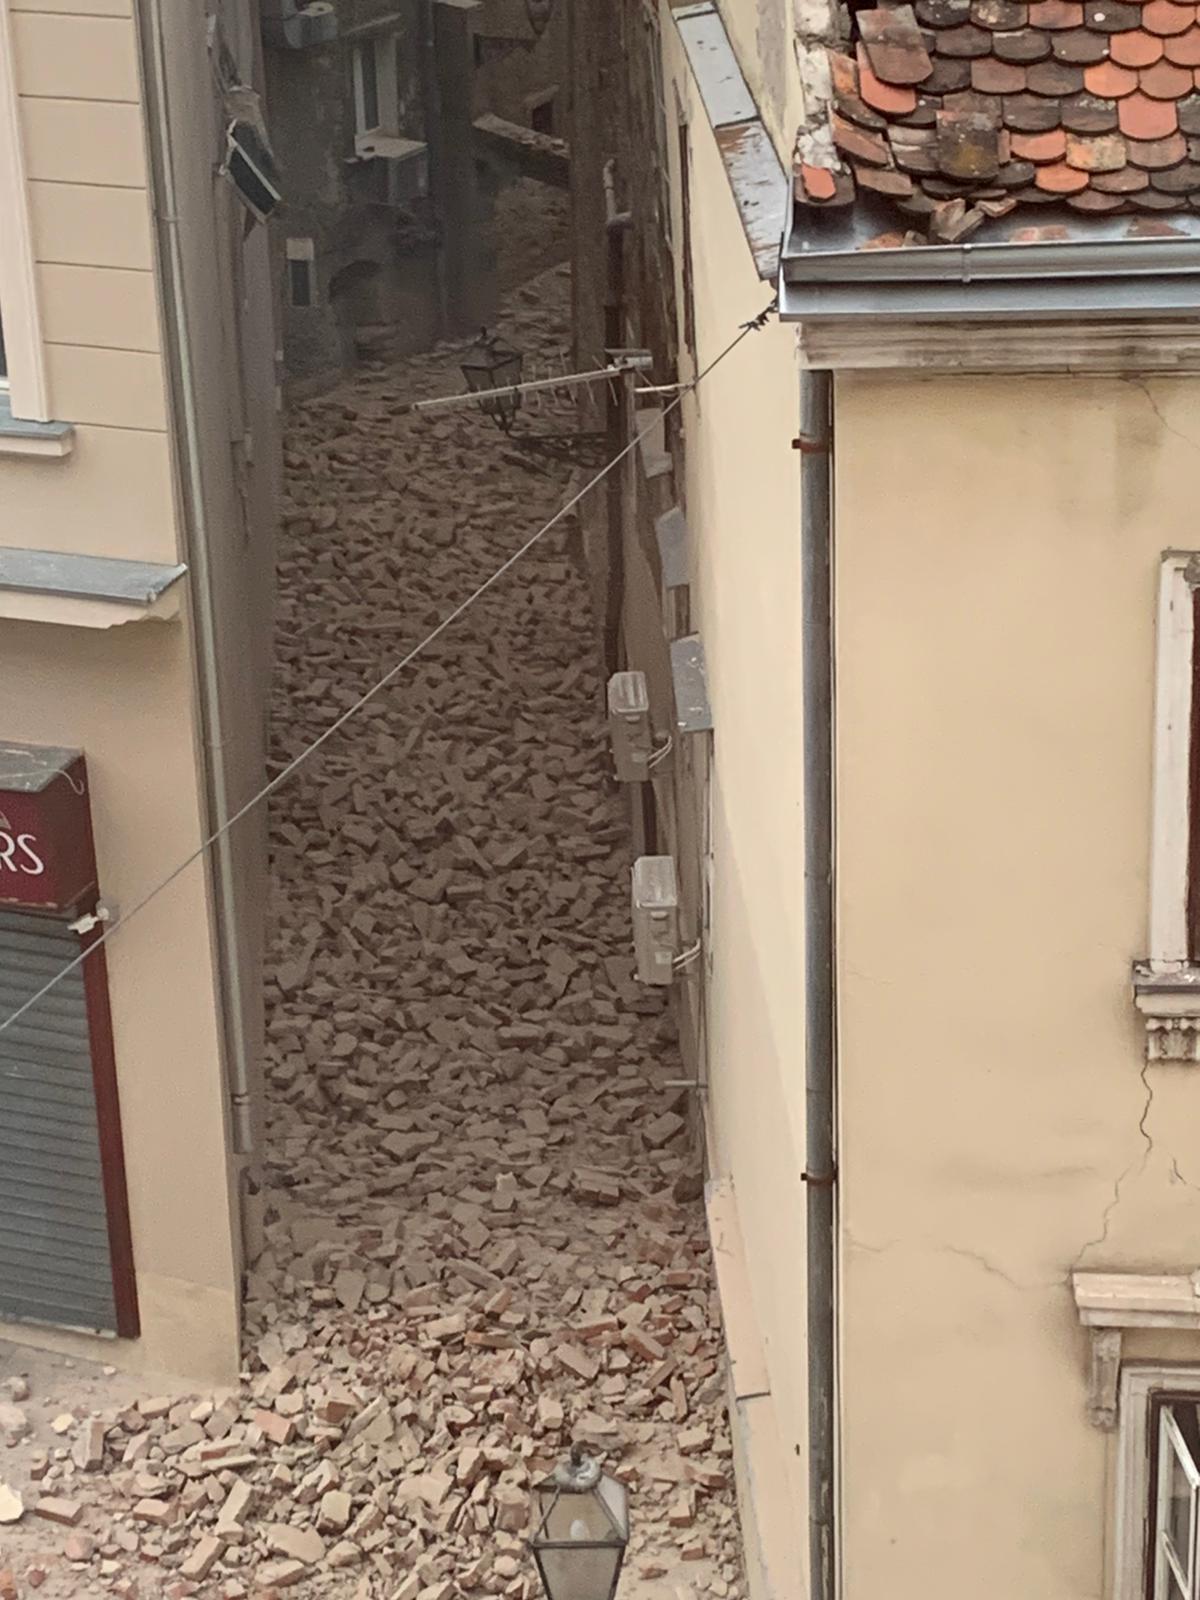 Zadarski Strasne Fotografije Iz Zagreba Nakon Potresa Steta U Centru Ogromna Odlomio Se Vrh Katedrale Ozlijeđeno Je Jedno Dijete